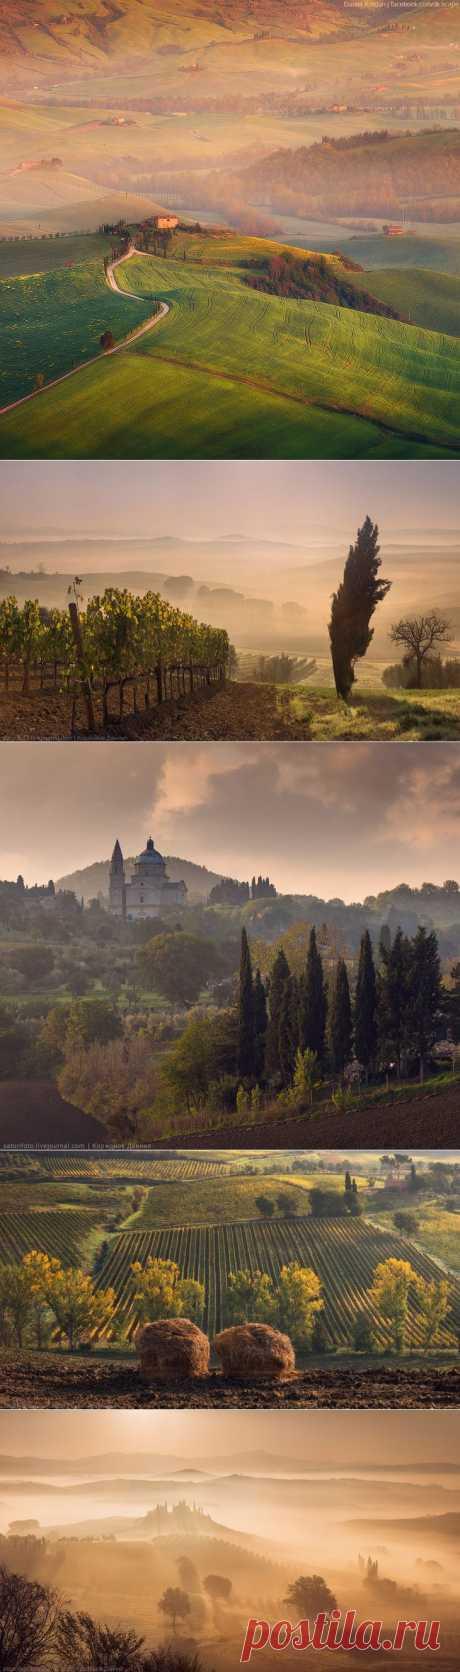 >> Осенняя Тоскана | ФОТО НОВОСТИ